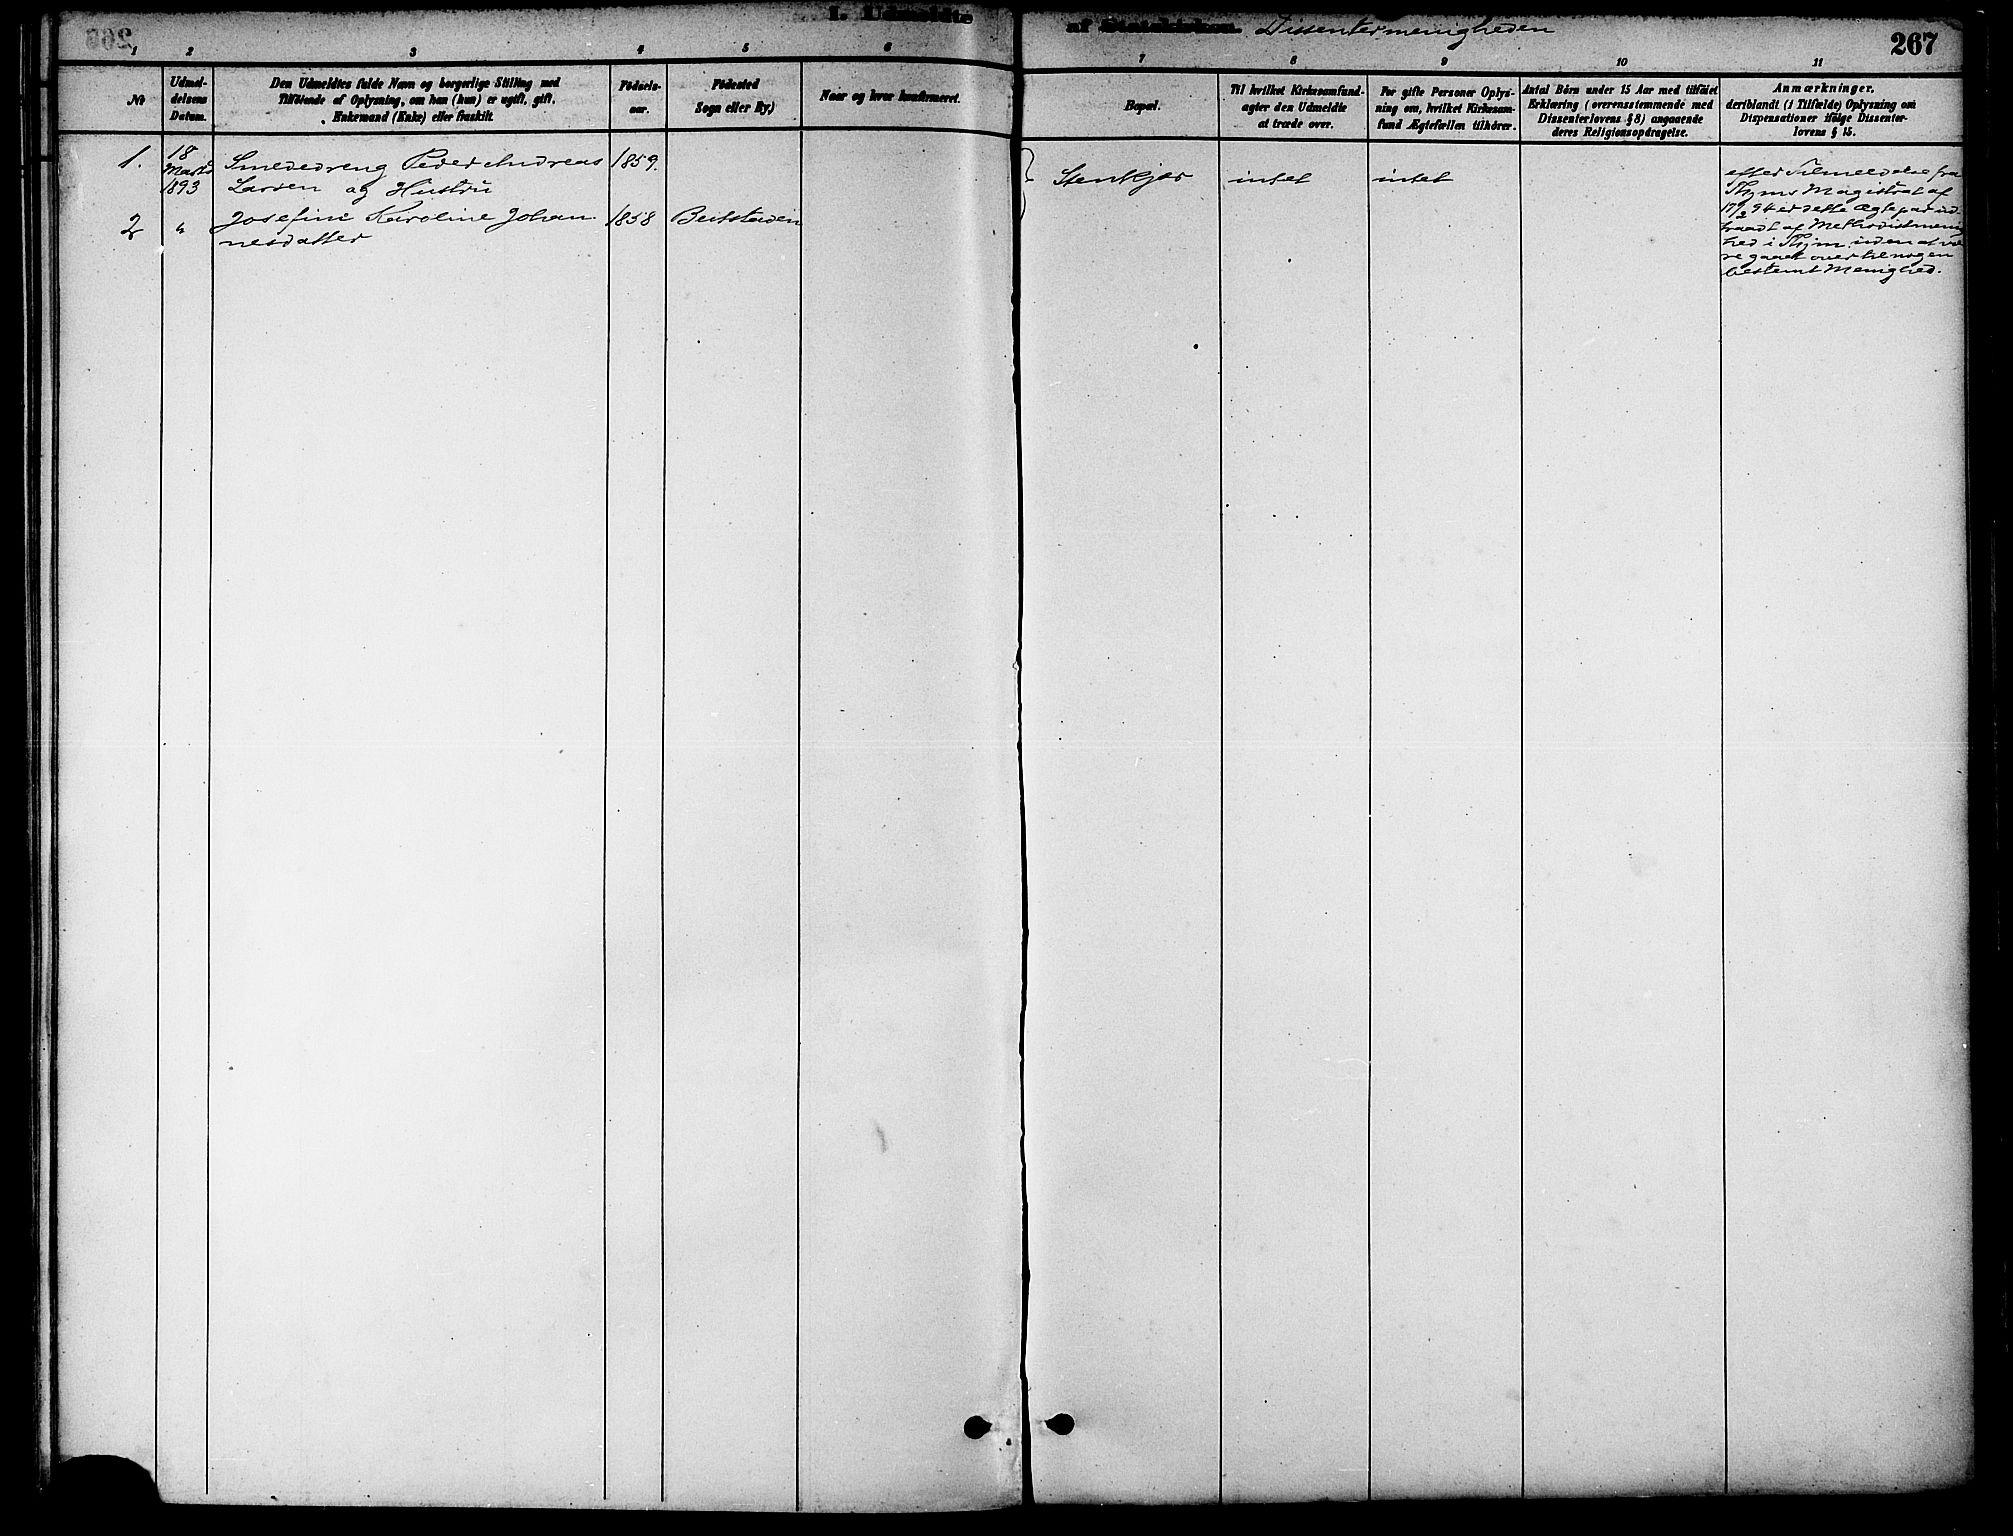 SAT, Ministerialprotokoller, klokkerbøker og fødselsregistre - Nord-Trøndelag, 739/L0371: Ministerialbok nr. 739A03, 1881-1895, s. 267